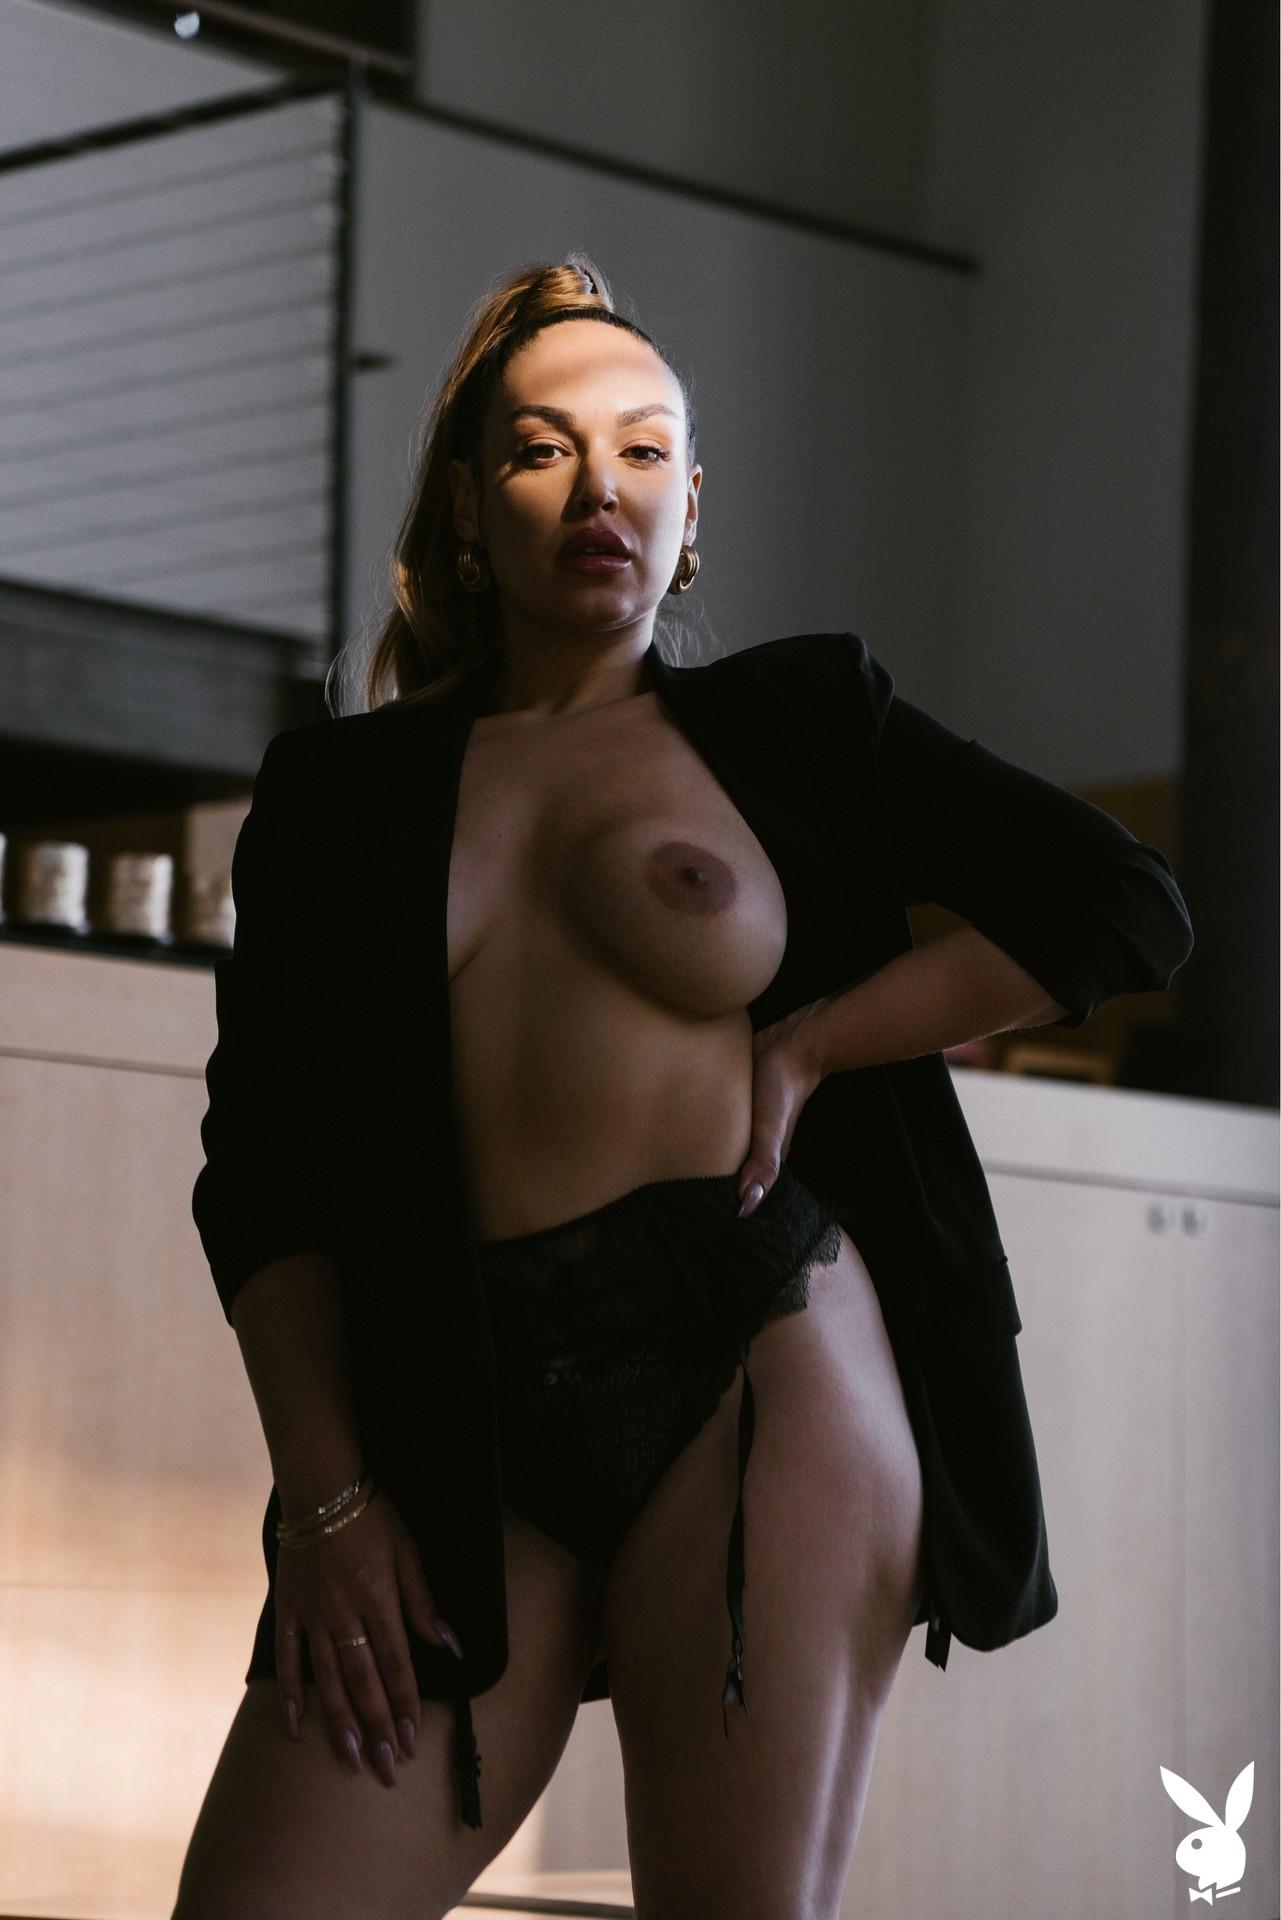 Sophia Grey In Off Hours Playboy Plus (9)